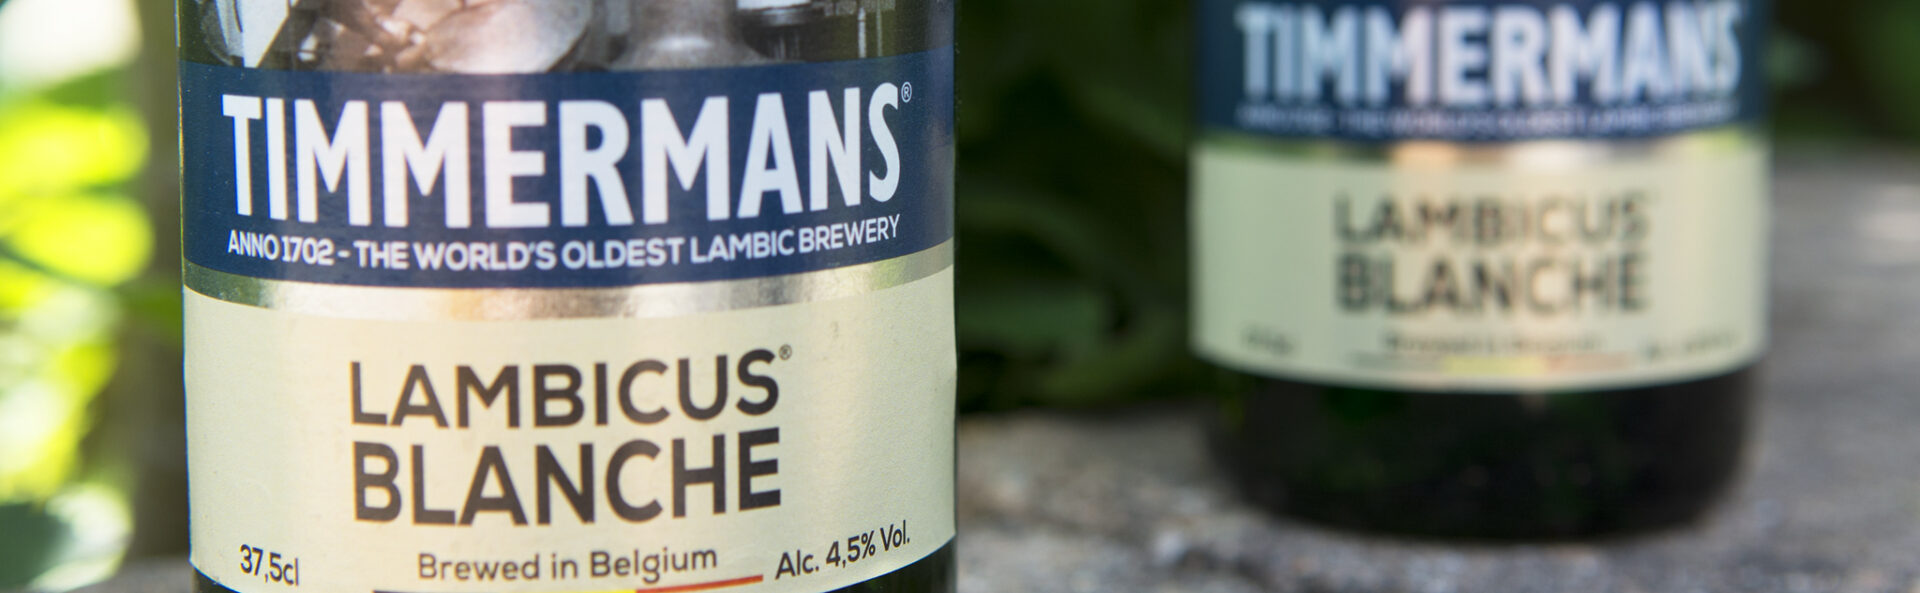 Lambicus Blanche, brouwerij Timmermans